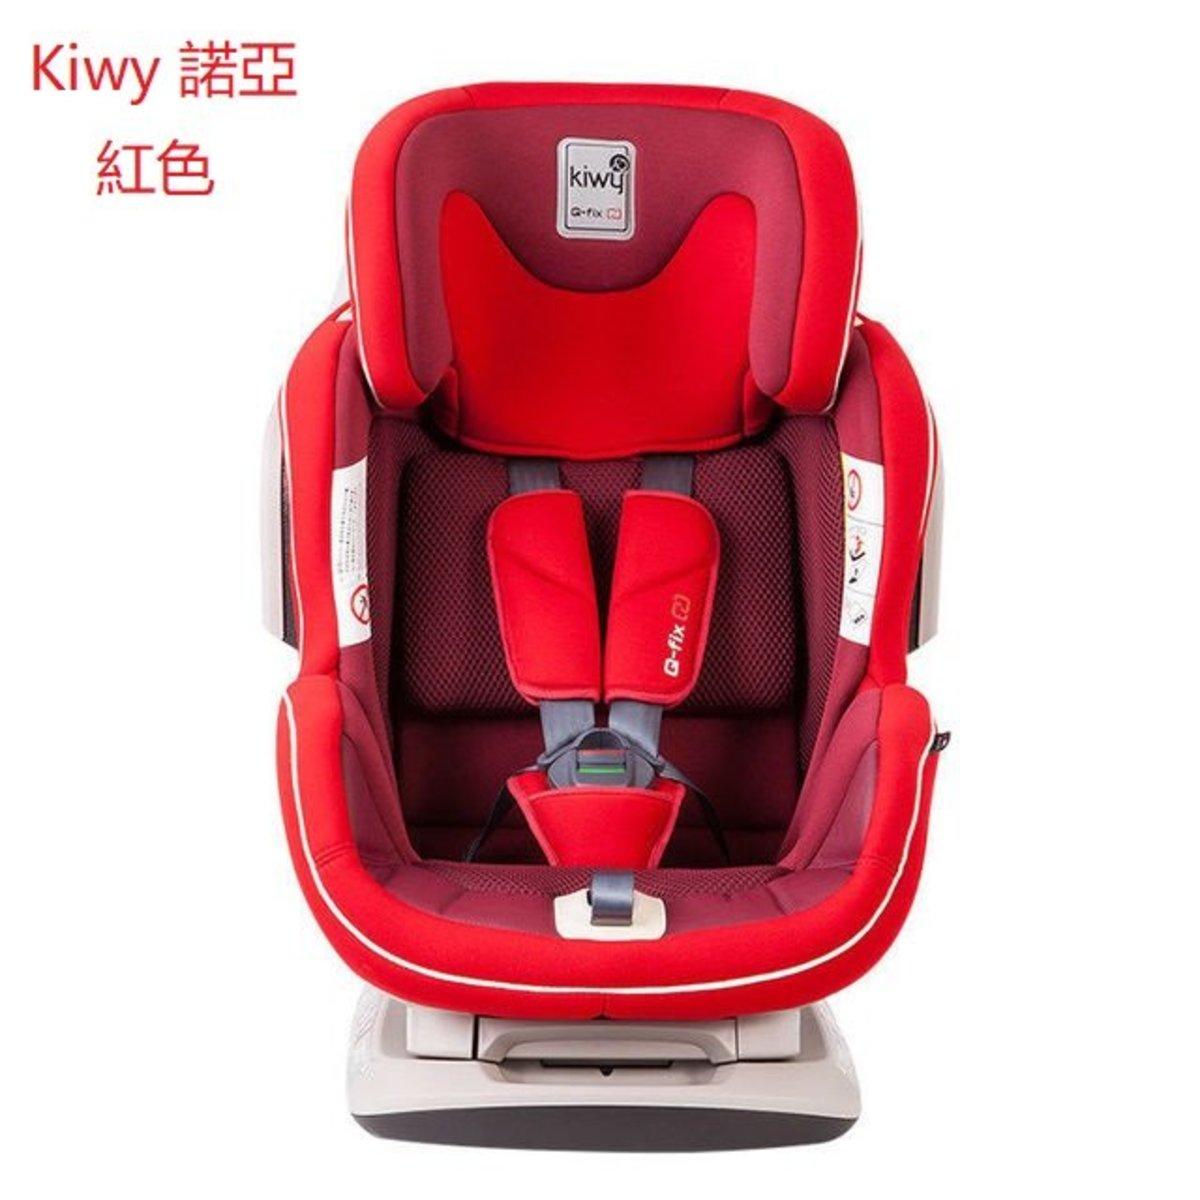 意大利嬰兒兒童安全座椅iso汽車用0-7歲(kiwy諾亞-紅色)45*54*74cm